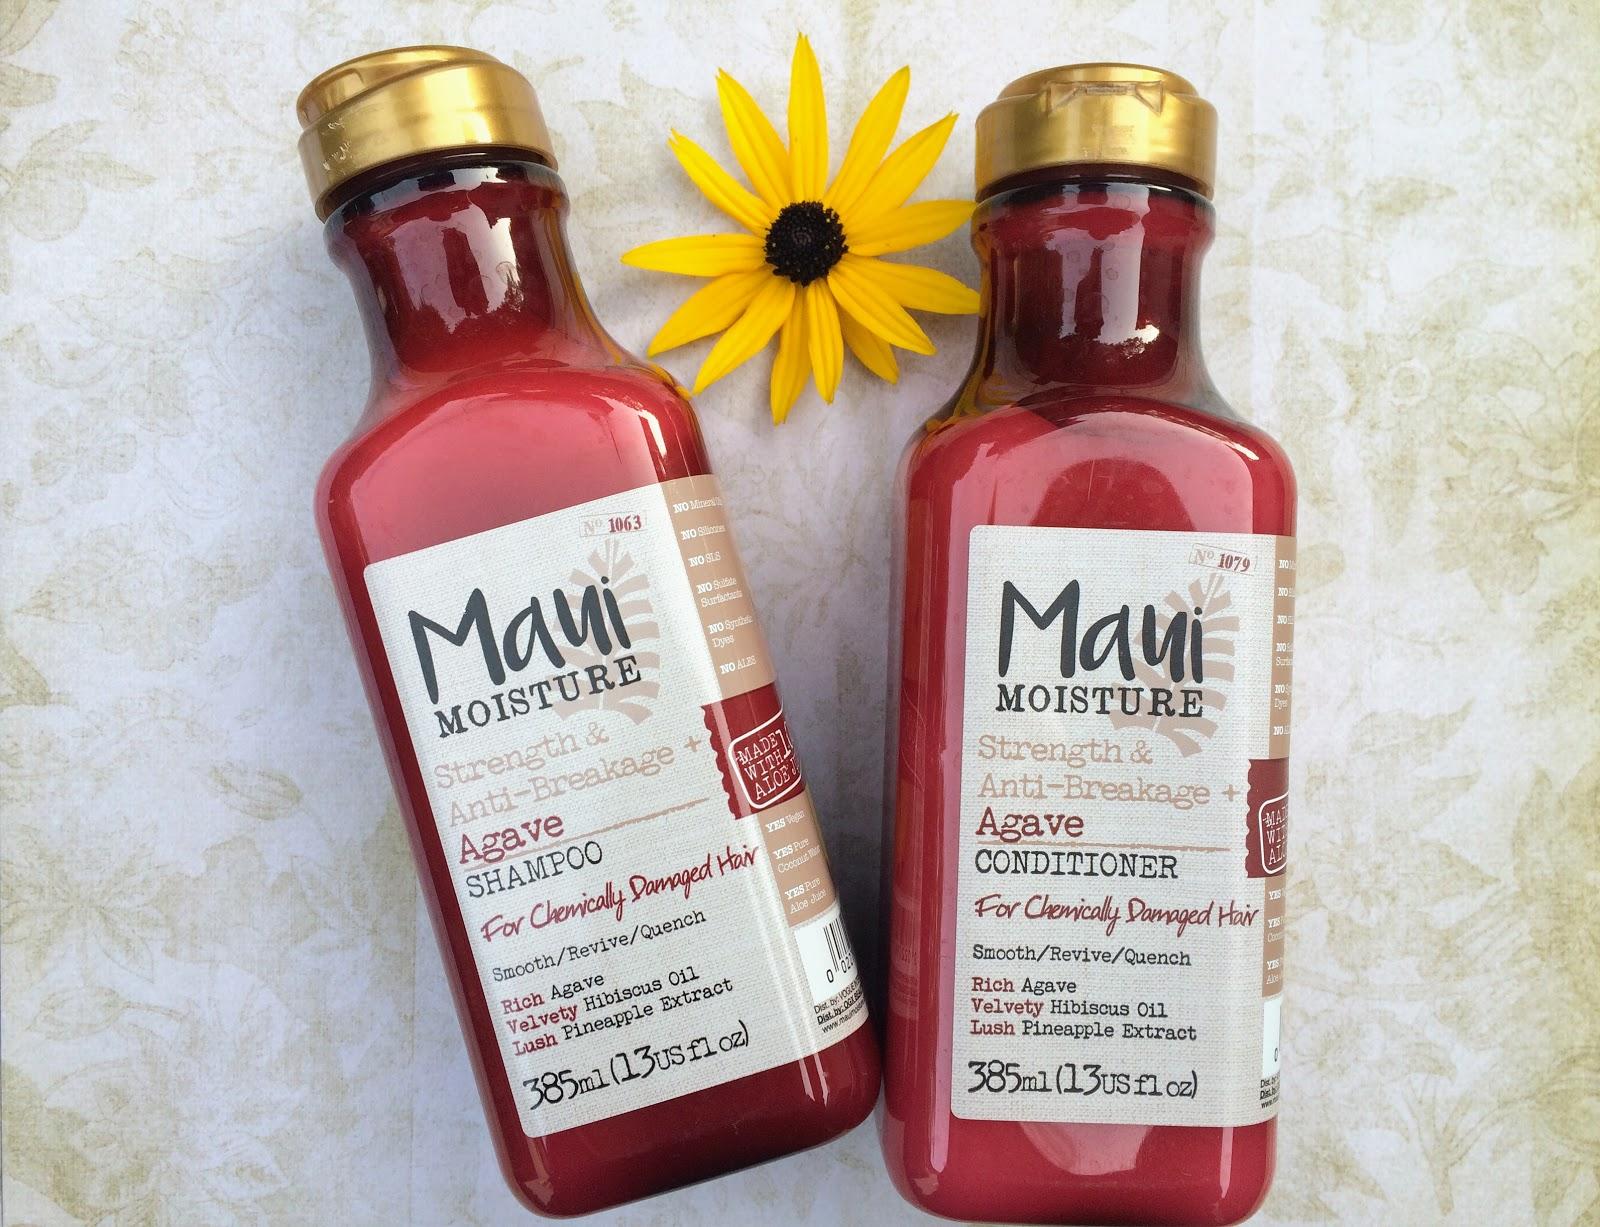 Maui shampoo and conditioner